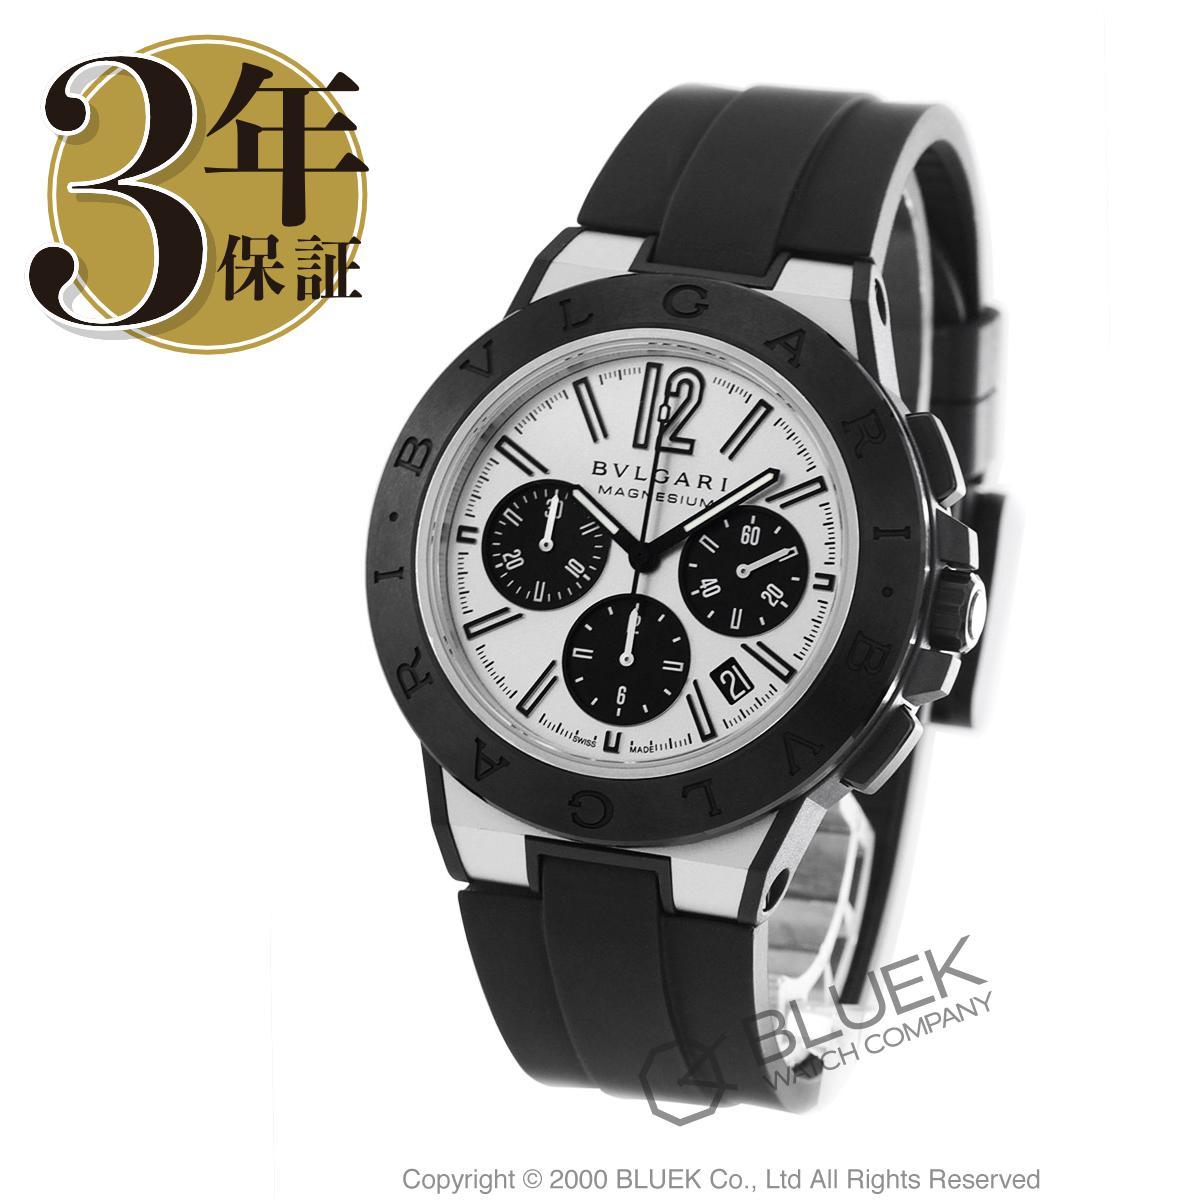 ブルガリ BVLGARI 腕時計 ディアゴノ マグネシウム メンズ DG42WSMCVDCH_8